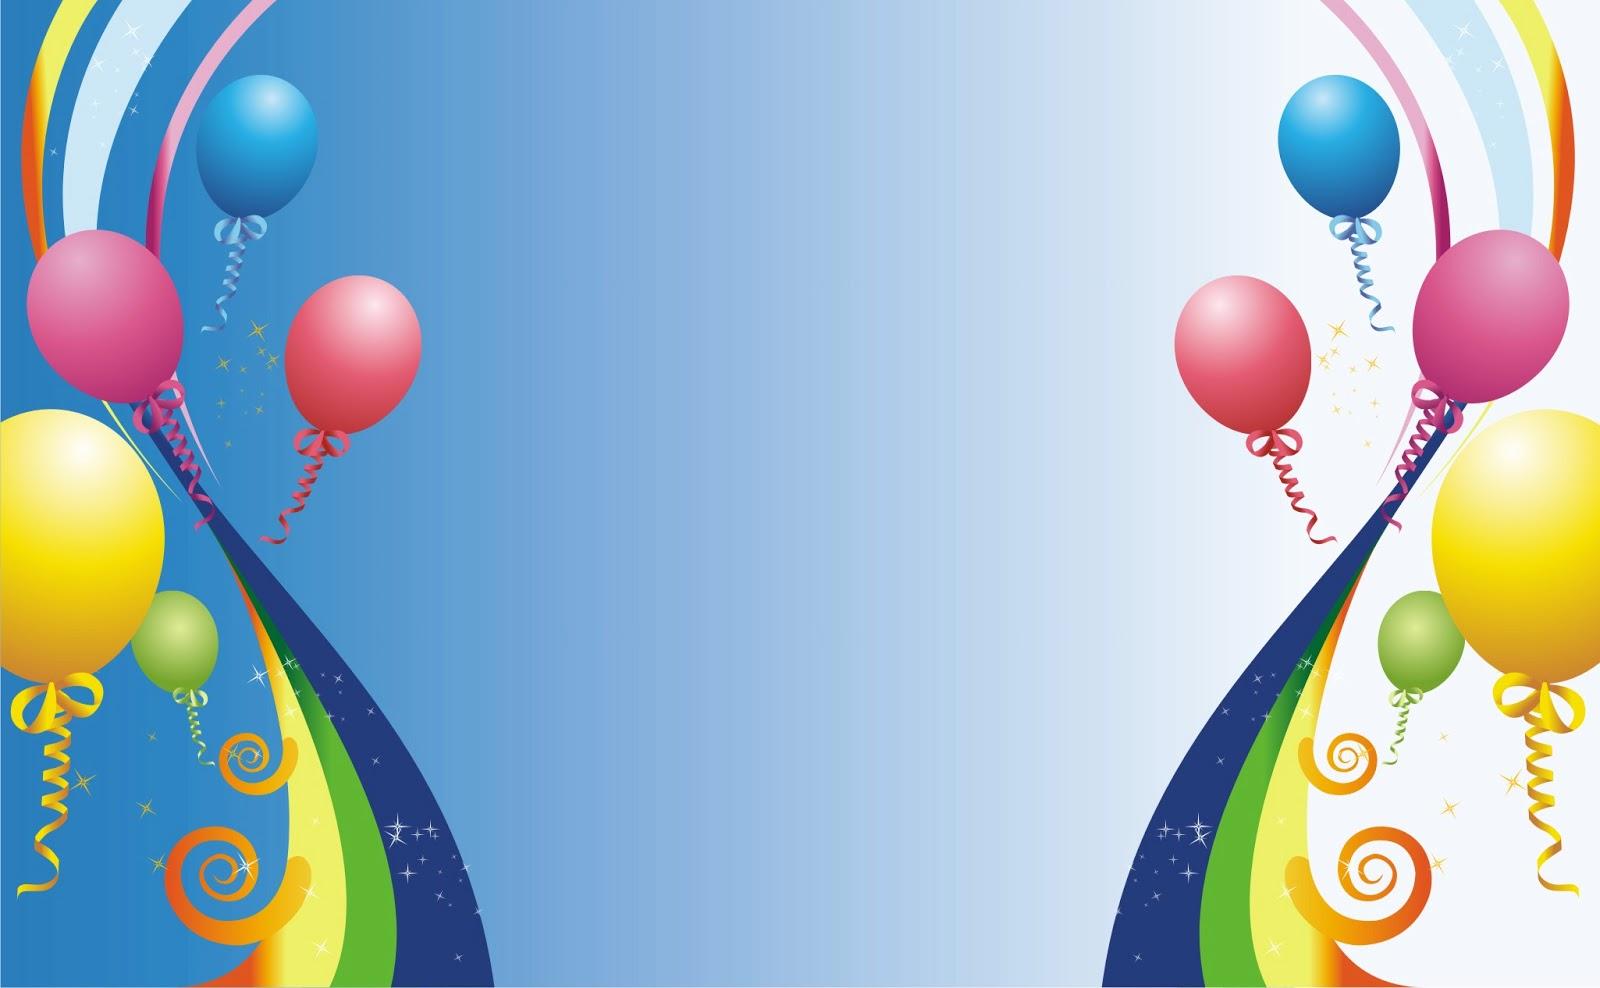 Fondos Fondo Para Cumpleaños Globos